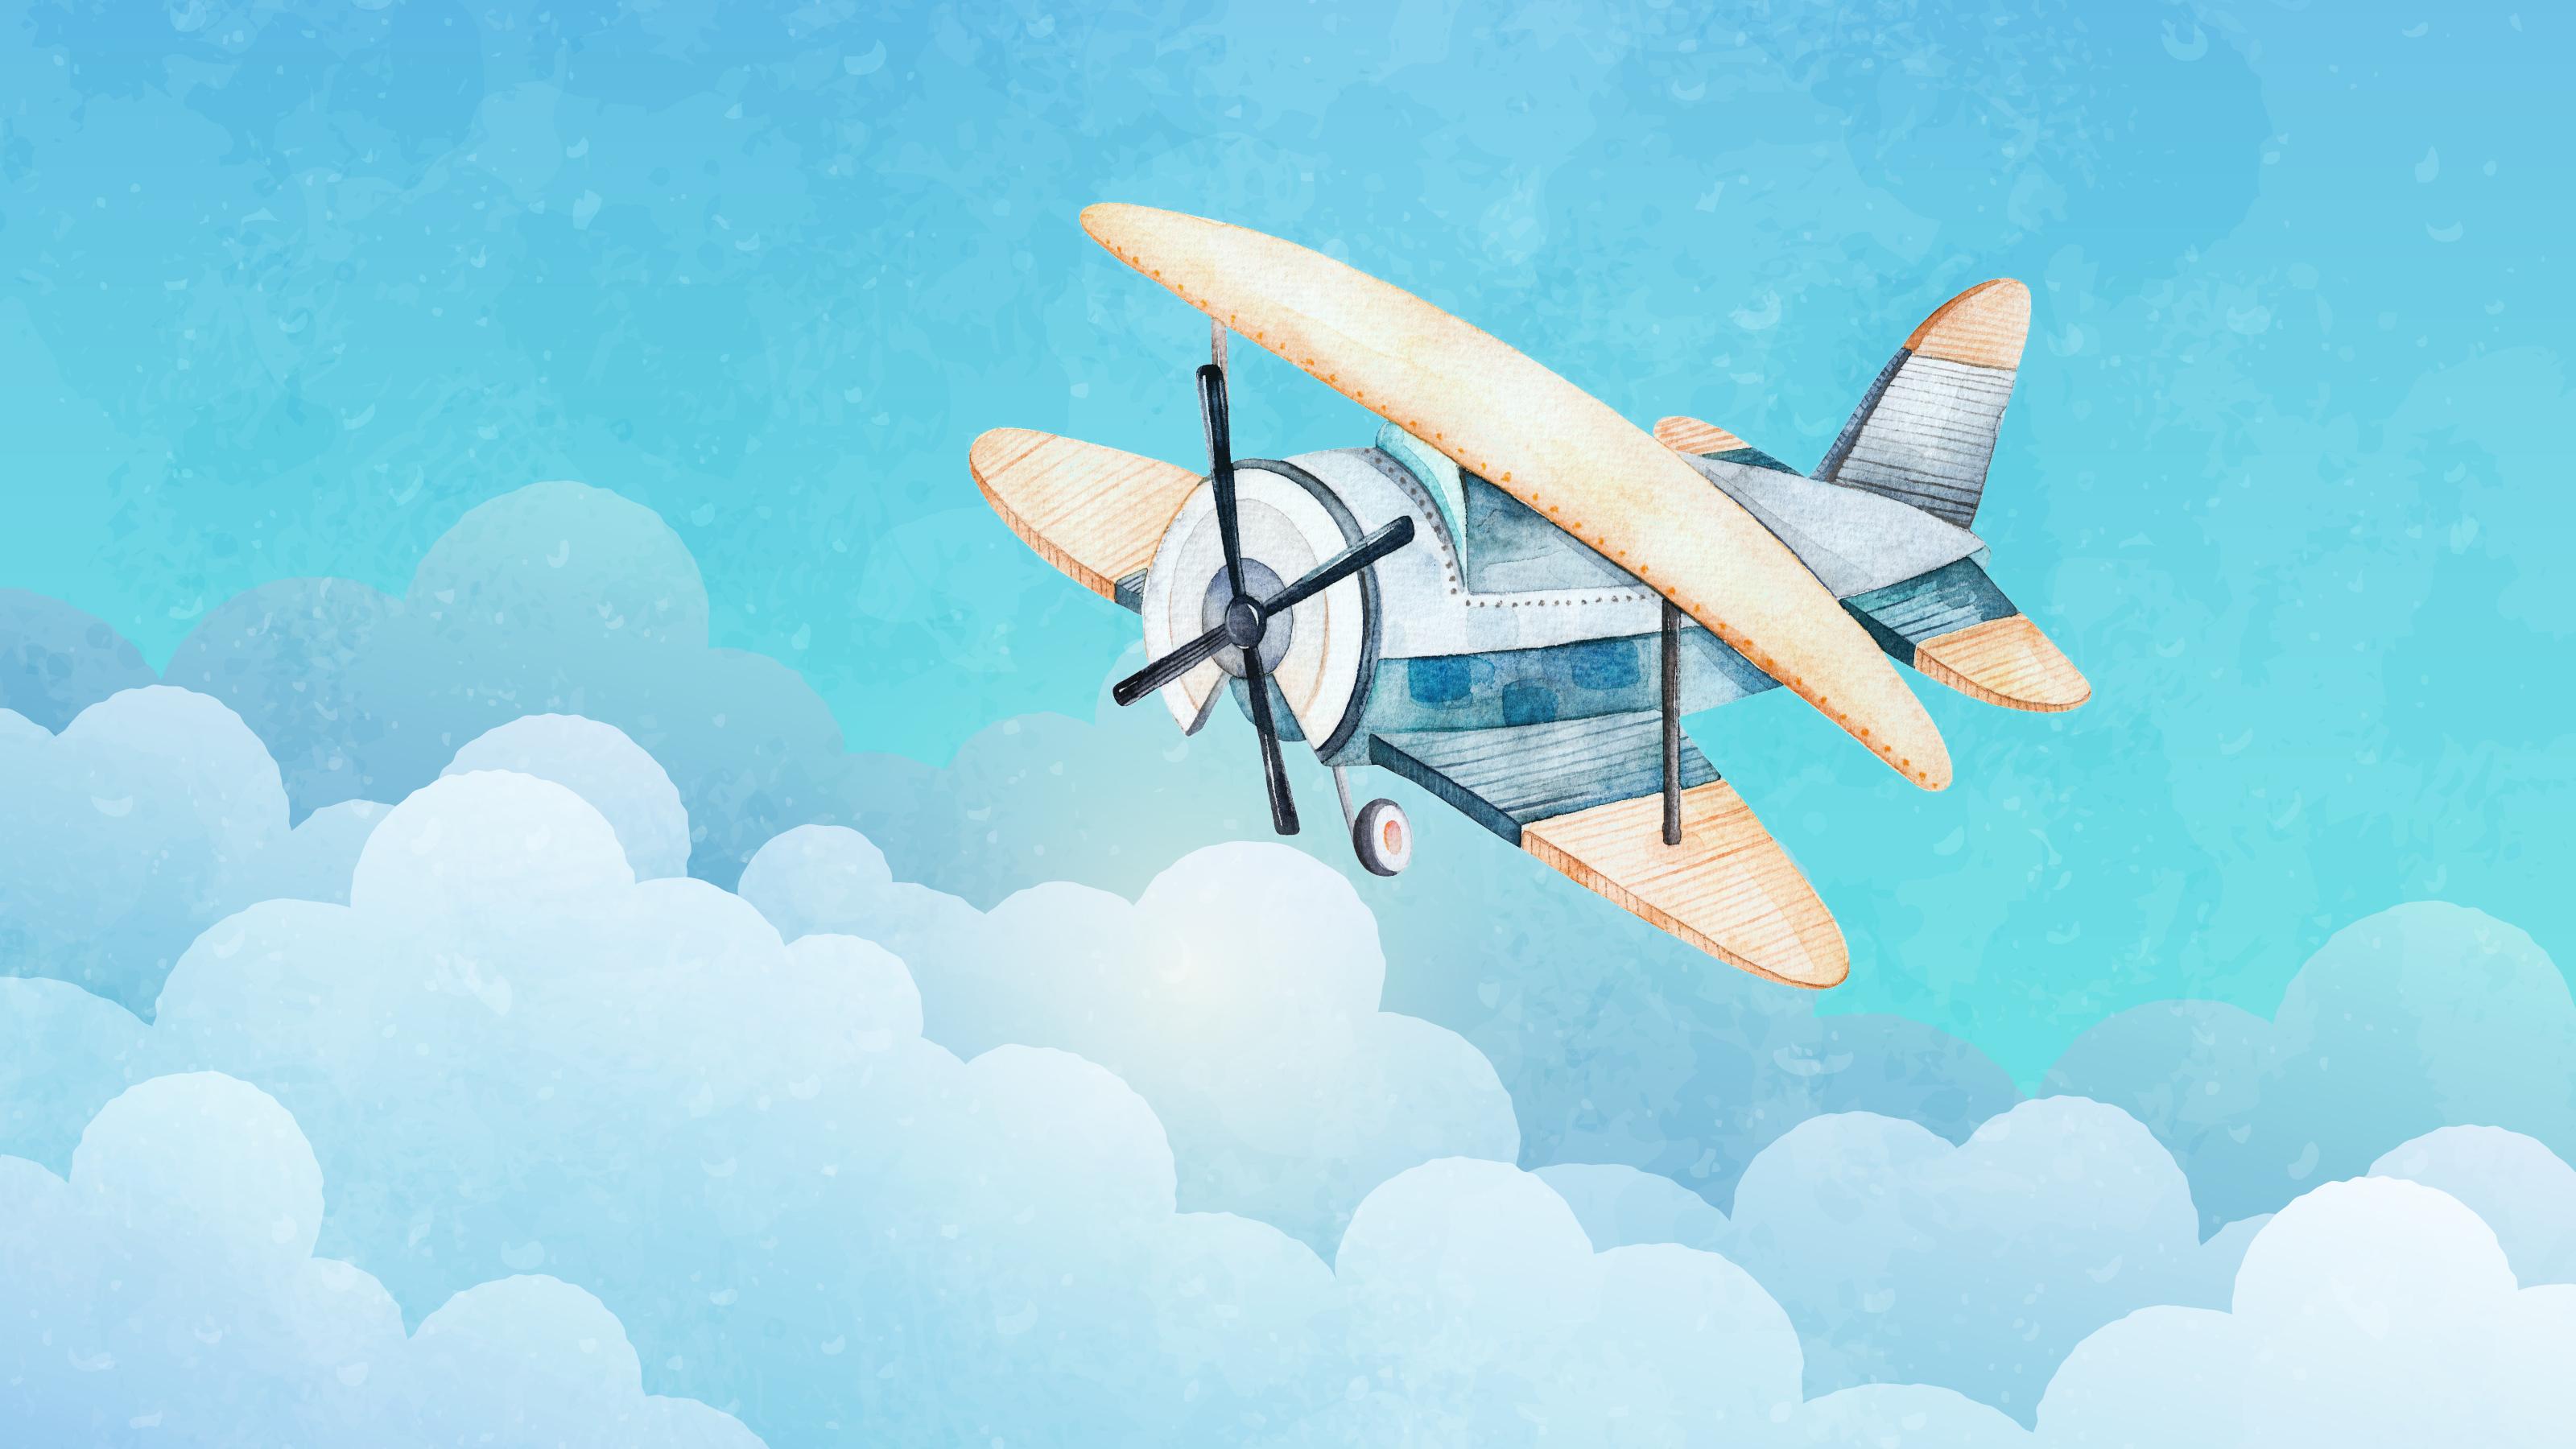 雲講堂-【英語繪本說故事】尋找消失的飛機